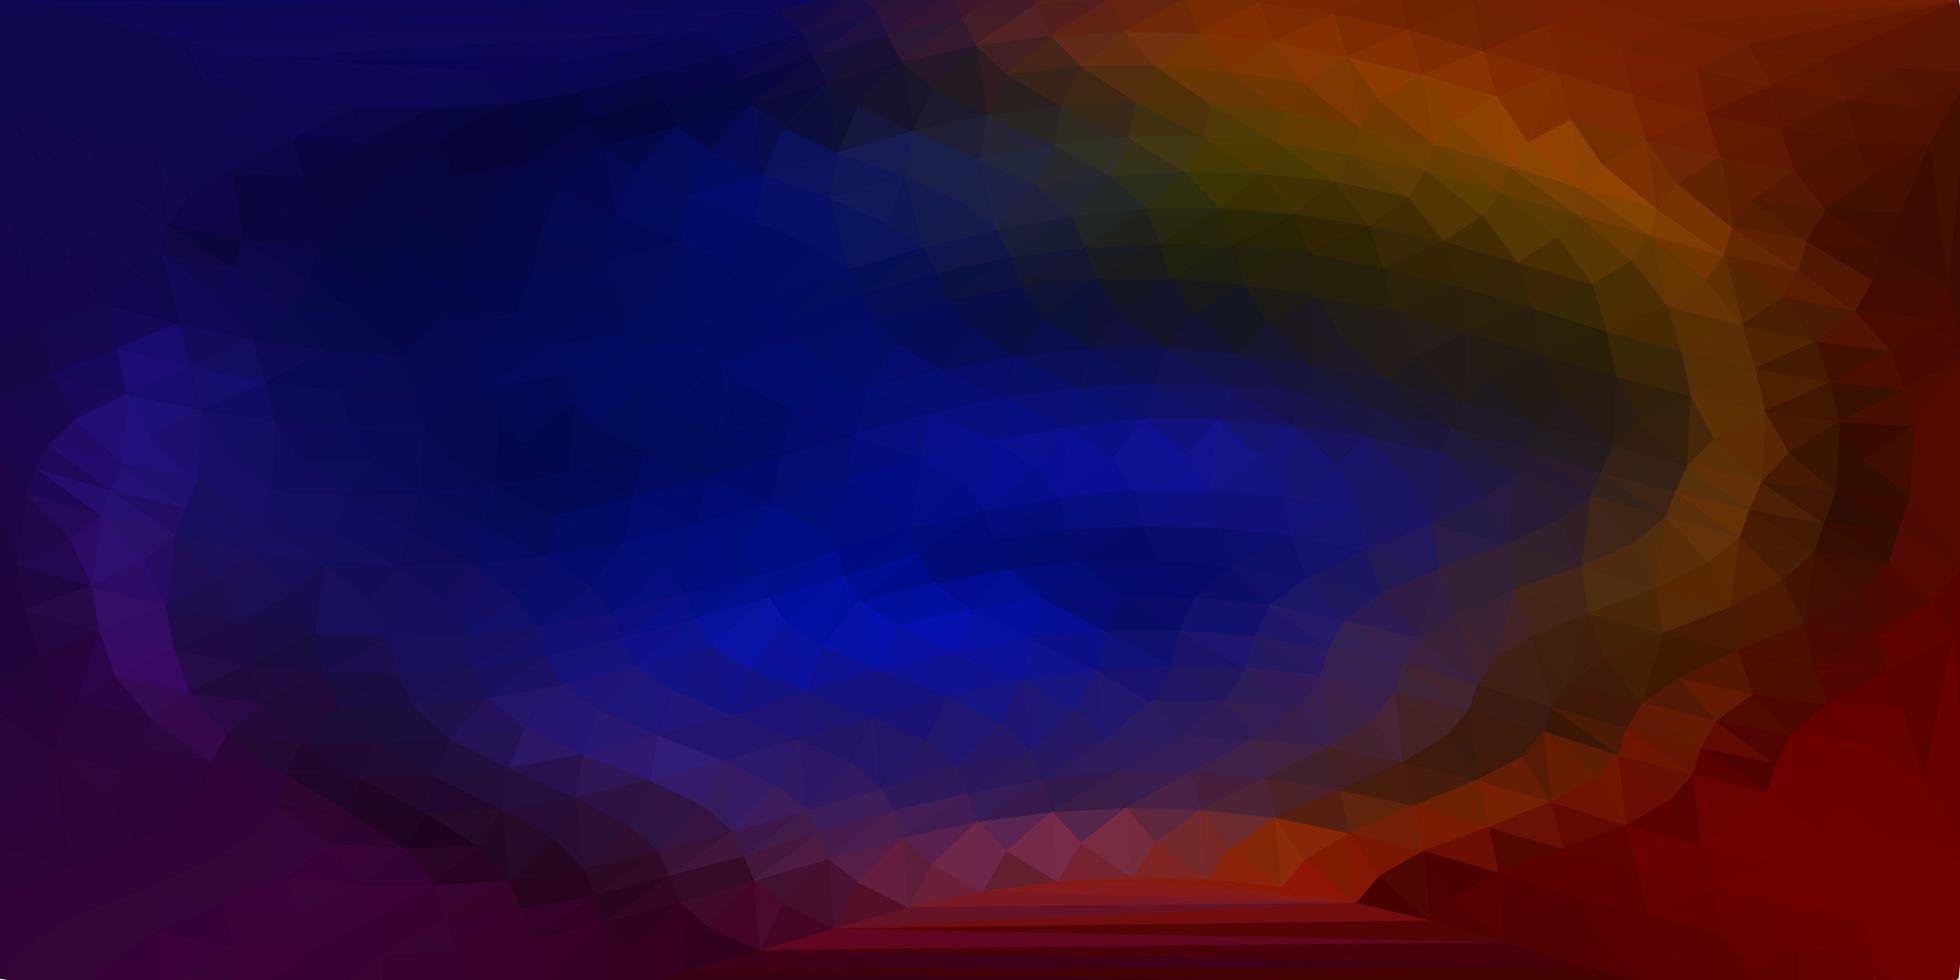 mörkblå, gul vektor abstrakt triangelbakgrund.